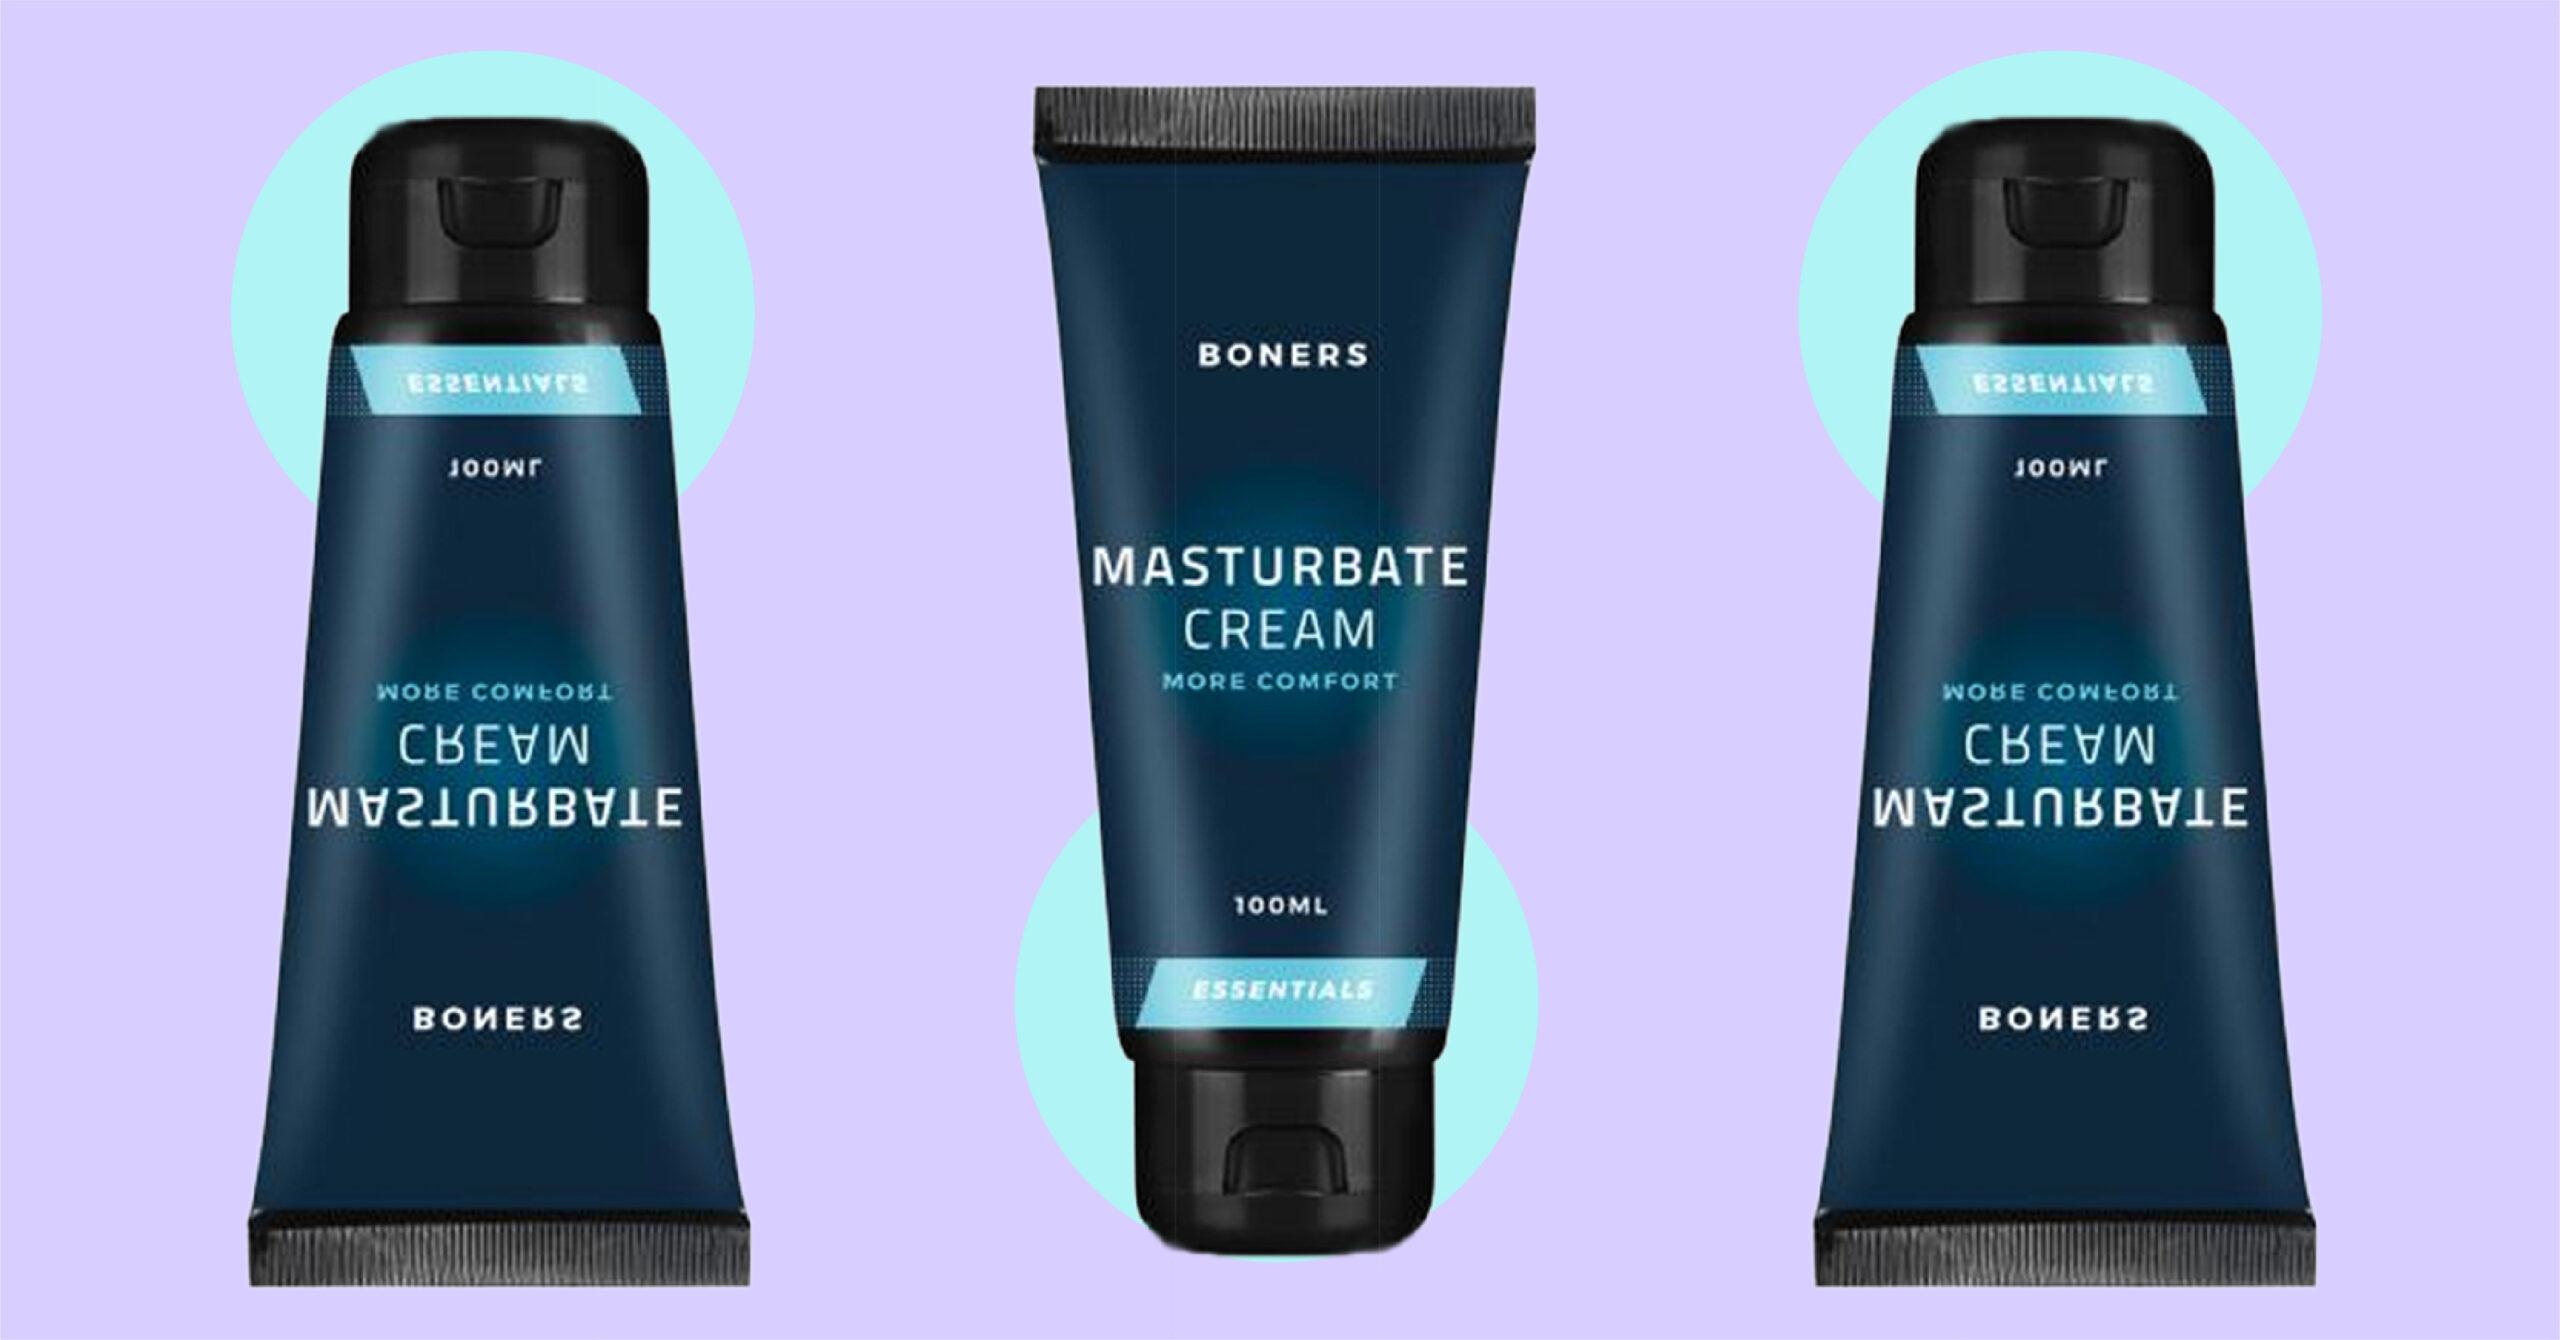 Boners Masturbation Cream